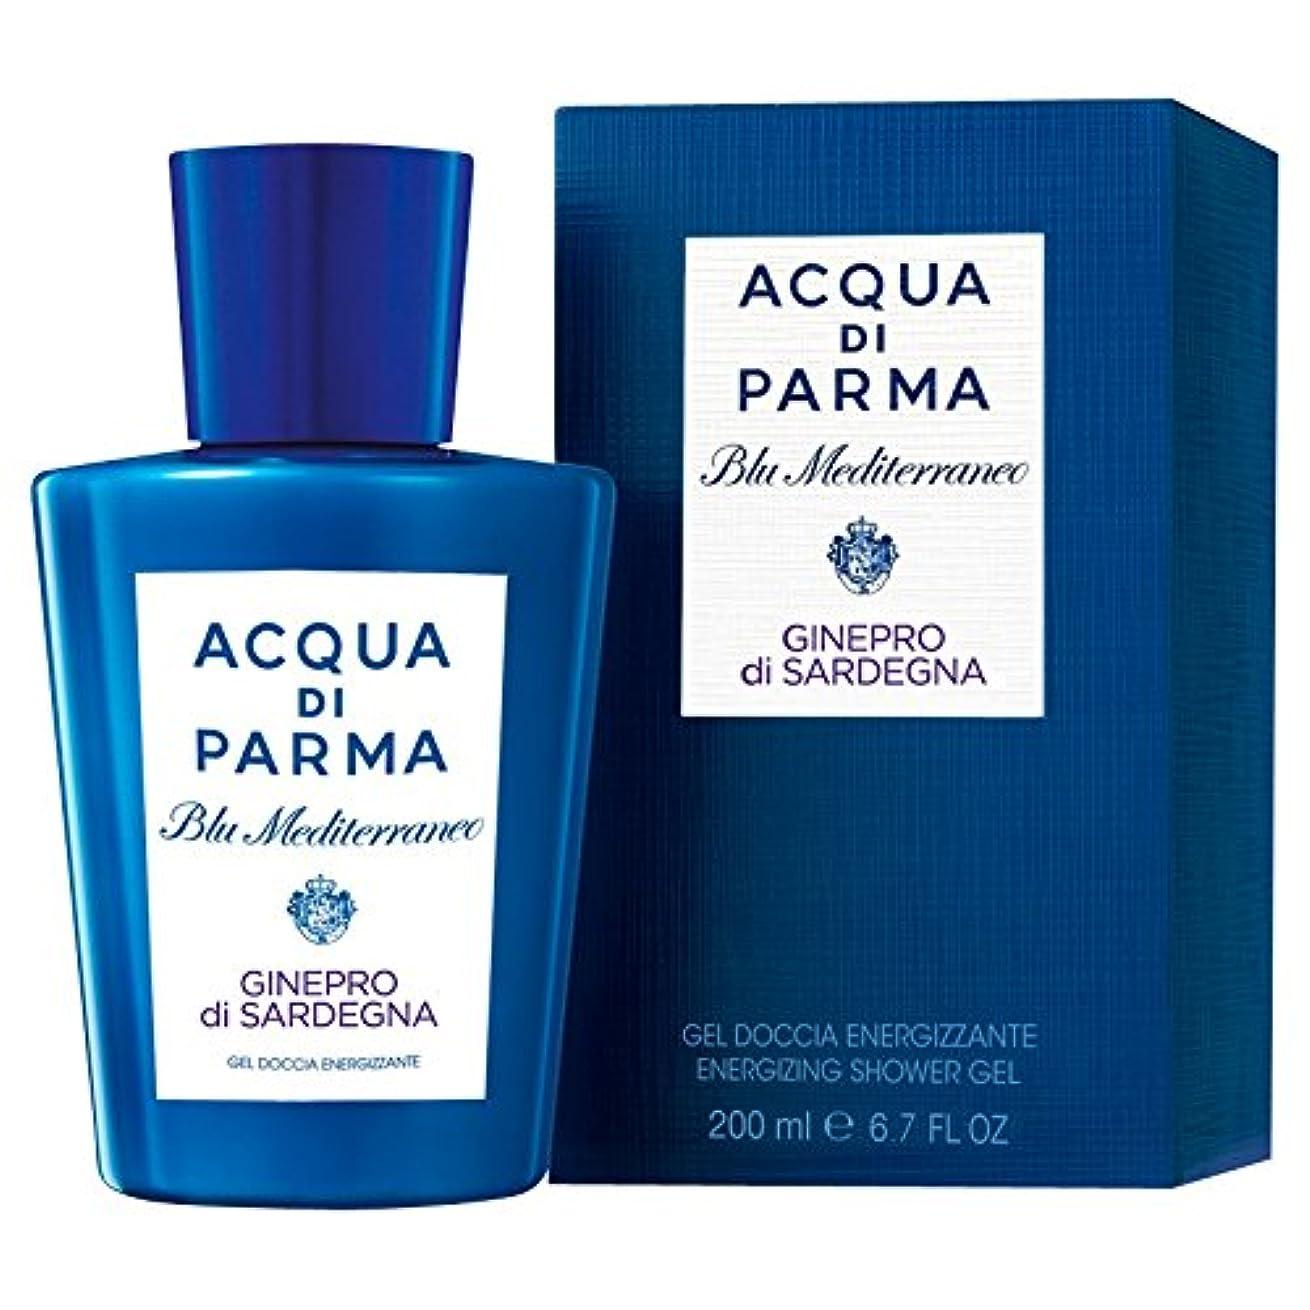 姉妹アレイ硬さアクア?ディ?パルマブルーメディGineproのディサルデーニャシャワージェル200ミリリットル (Acqua di Parma) - Acqua di Parma Blu Mediterraneo Ginepro Di Sardegna Shower Gel 200ml [並行輸入品]